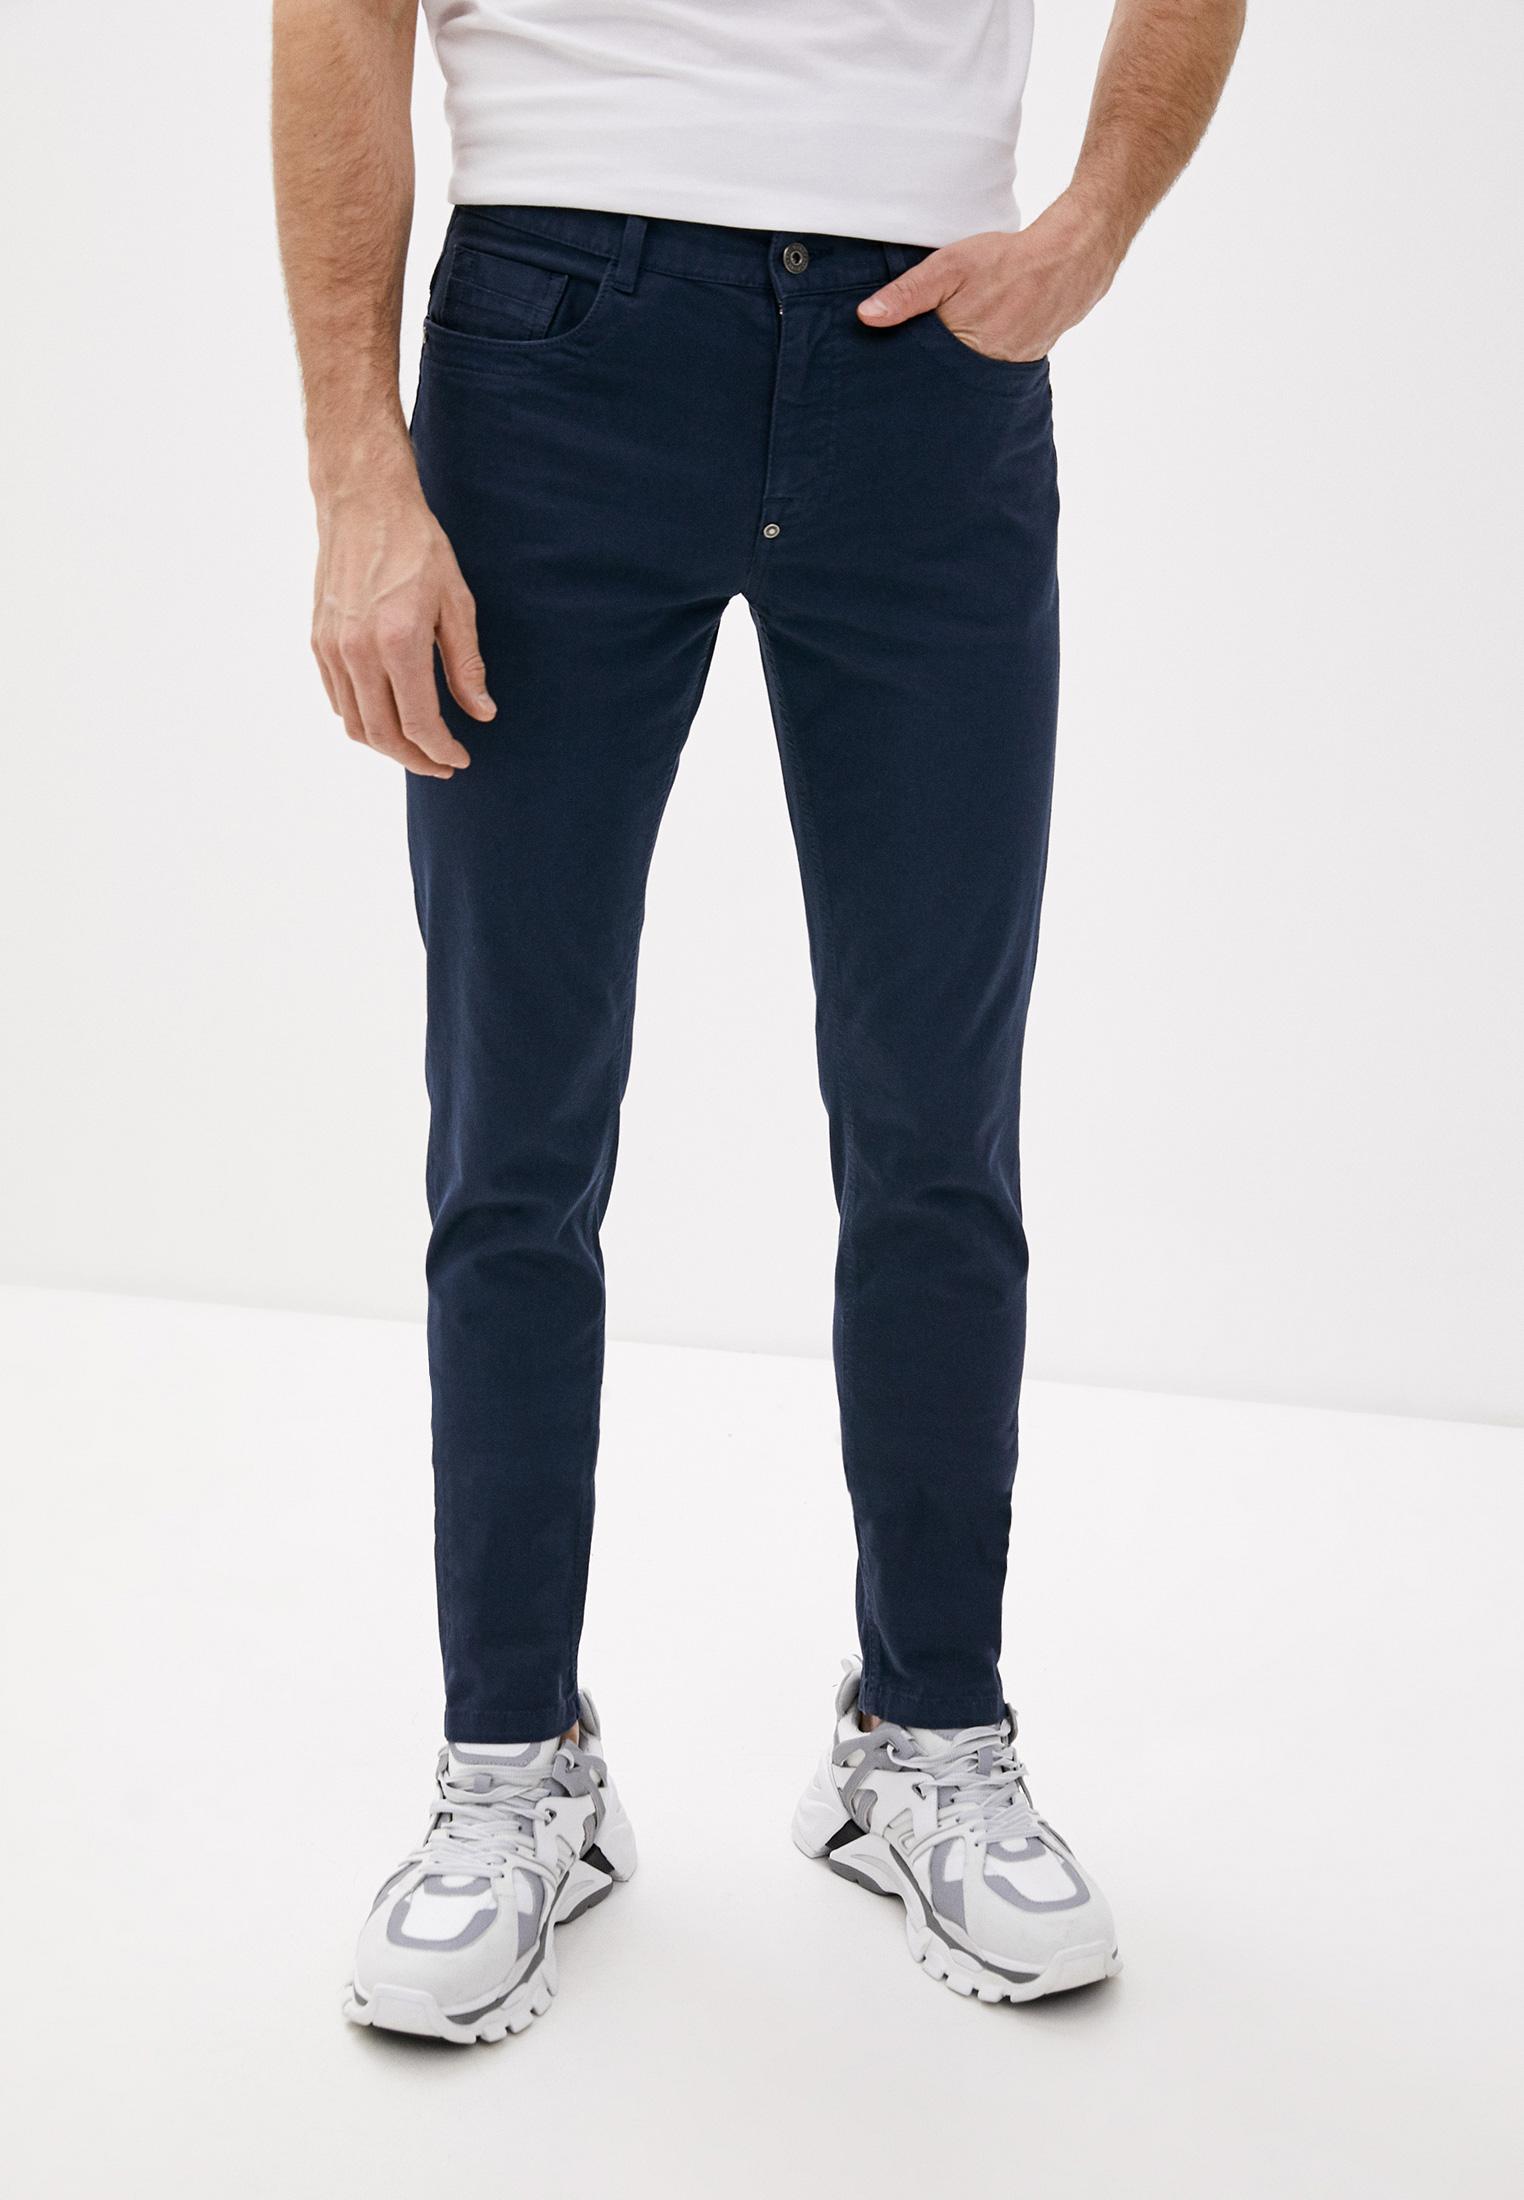 Мужские брюки Bikkembergs (Биккембергс) c q 101 07 s 3394